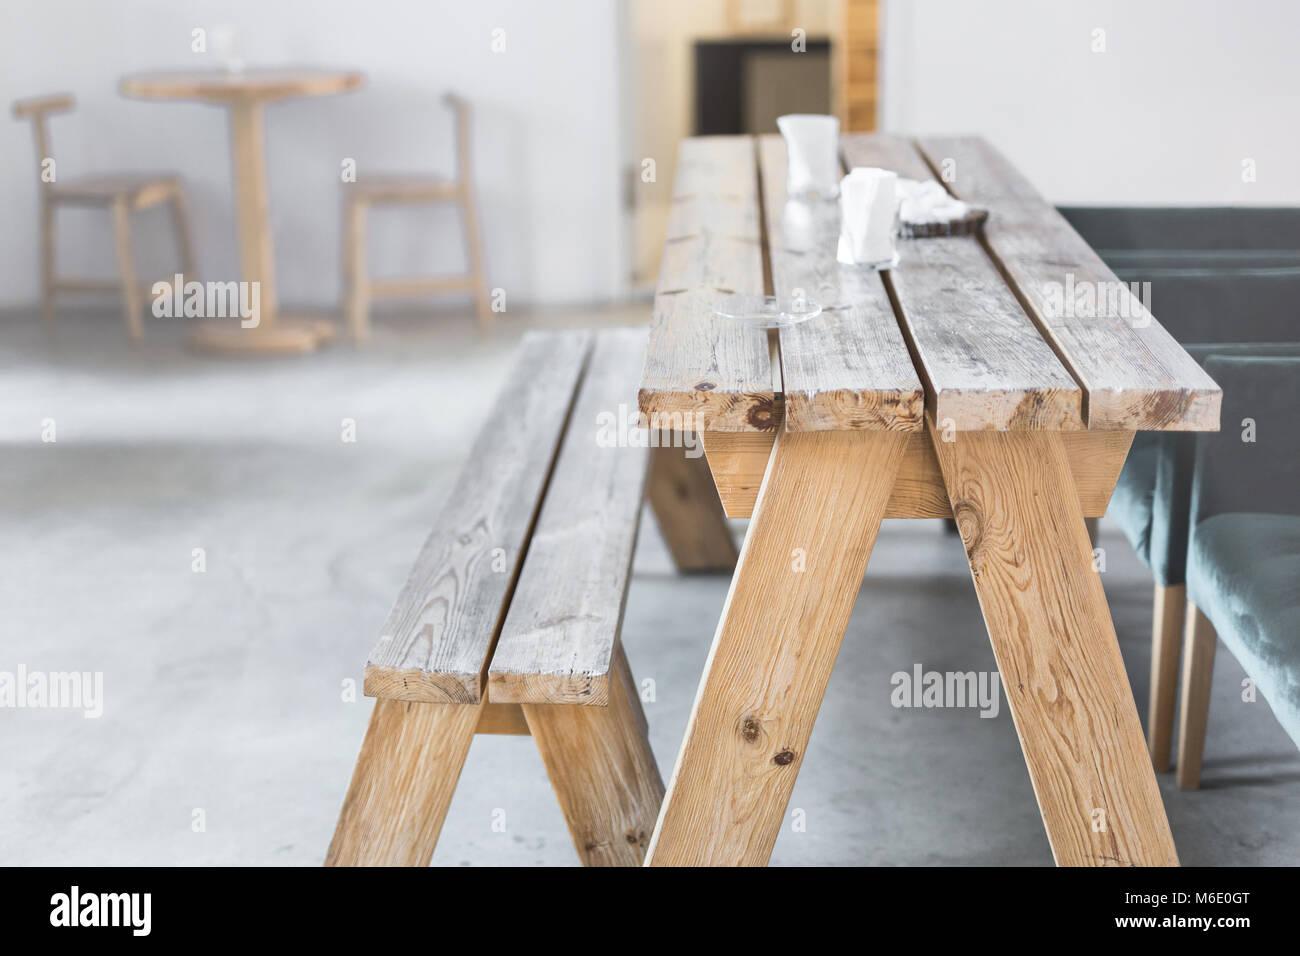 Table Et Banc En Bois A L Interieur Interieur Rustique Et Rural